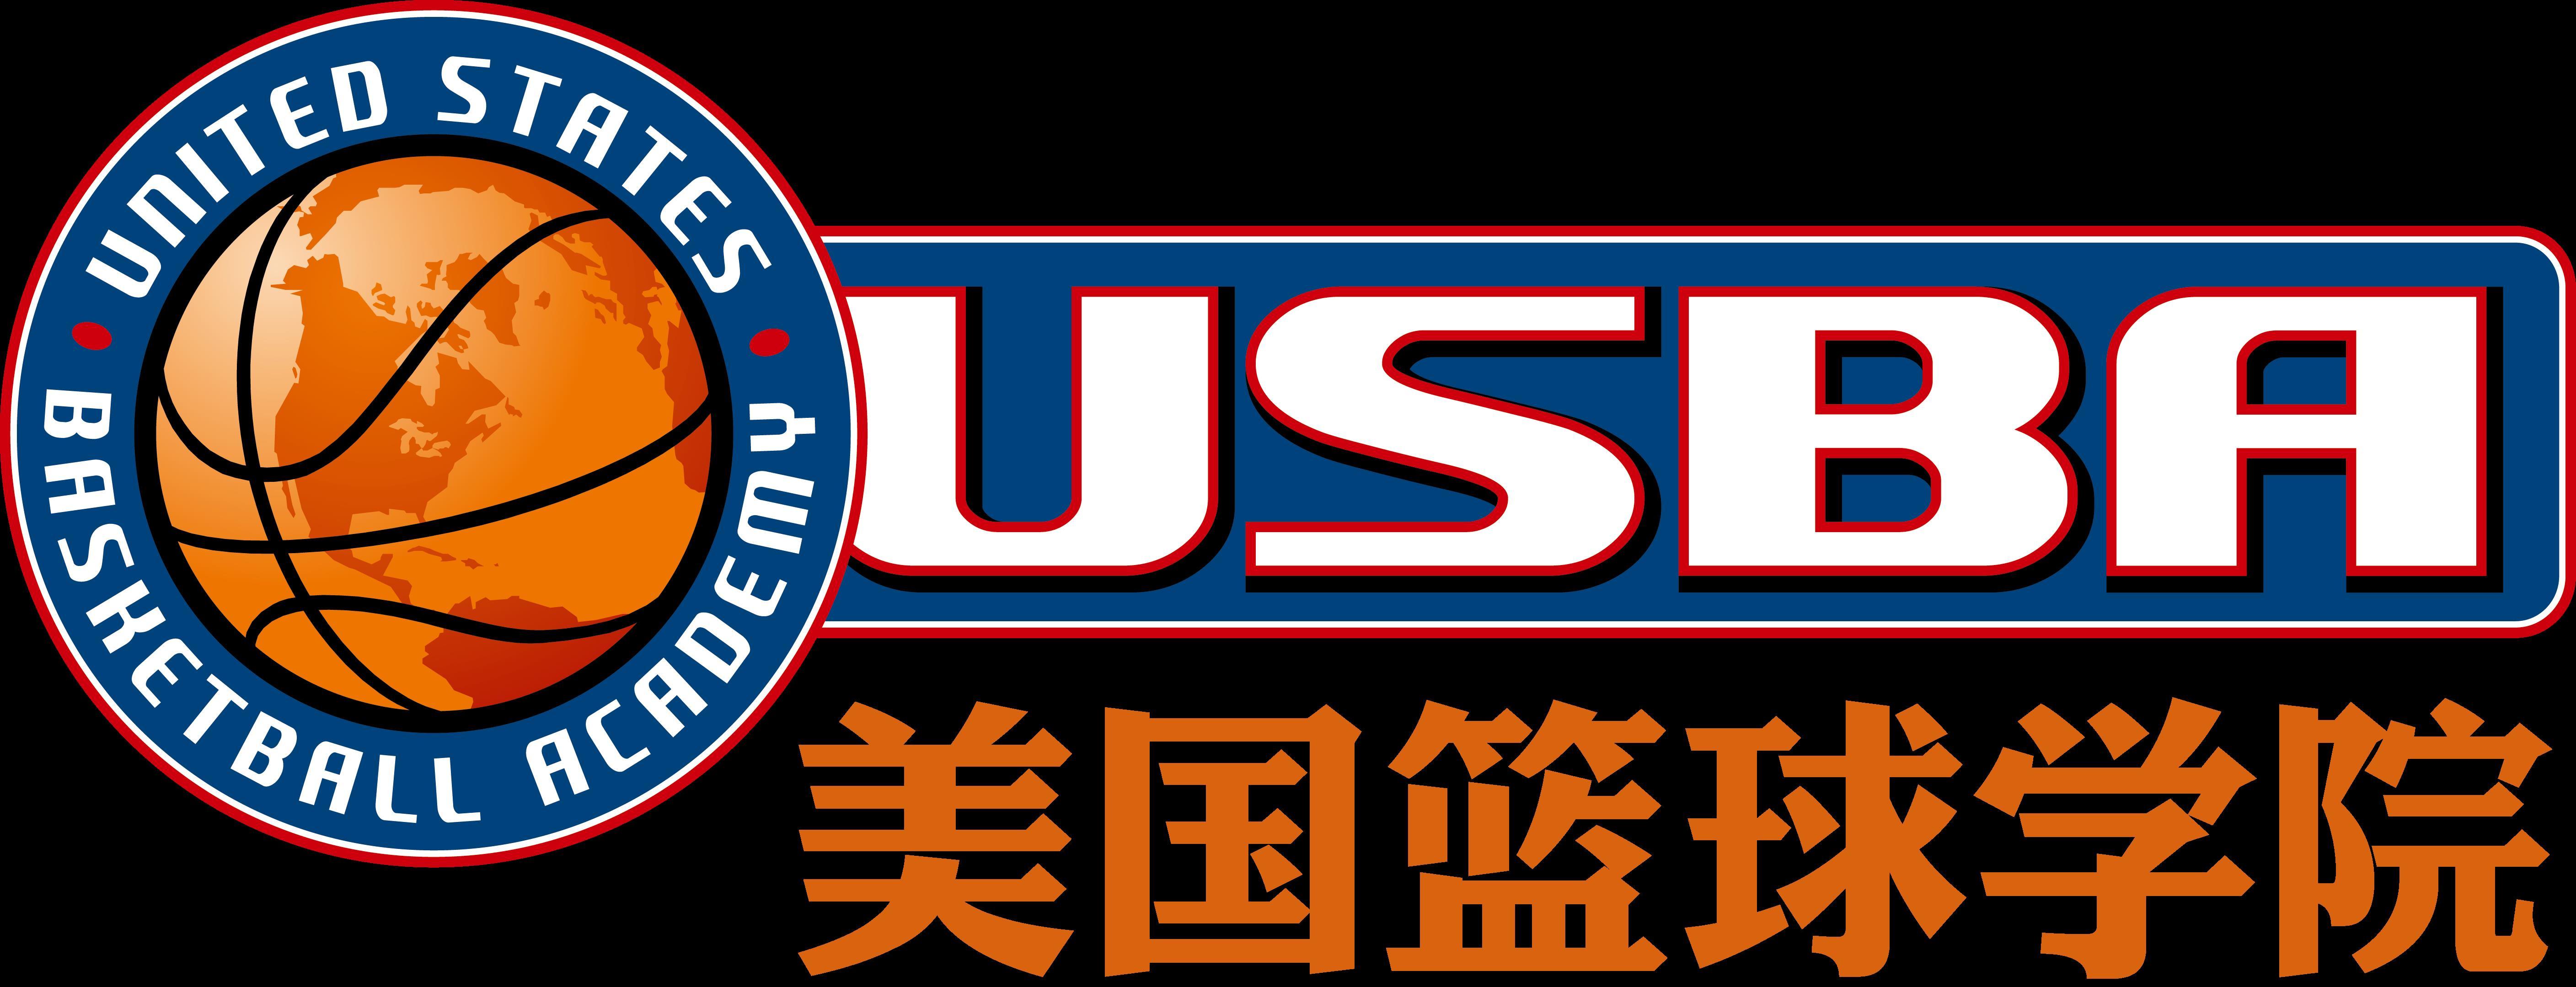 美国篮球学院教育培训加盟